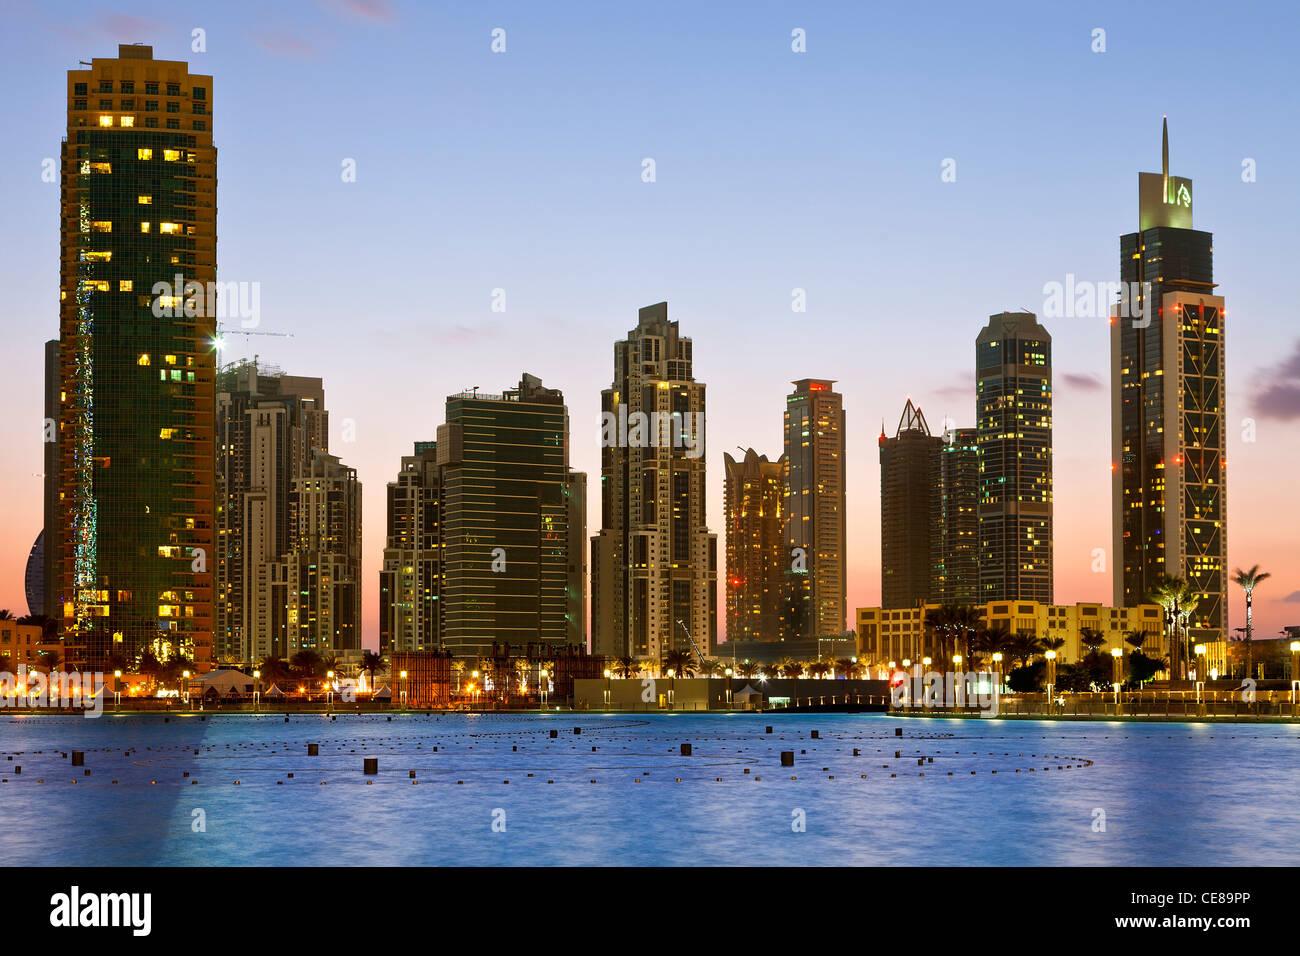 Dubai, grattacieli di notte Immagini Stock